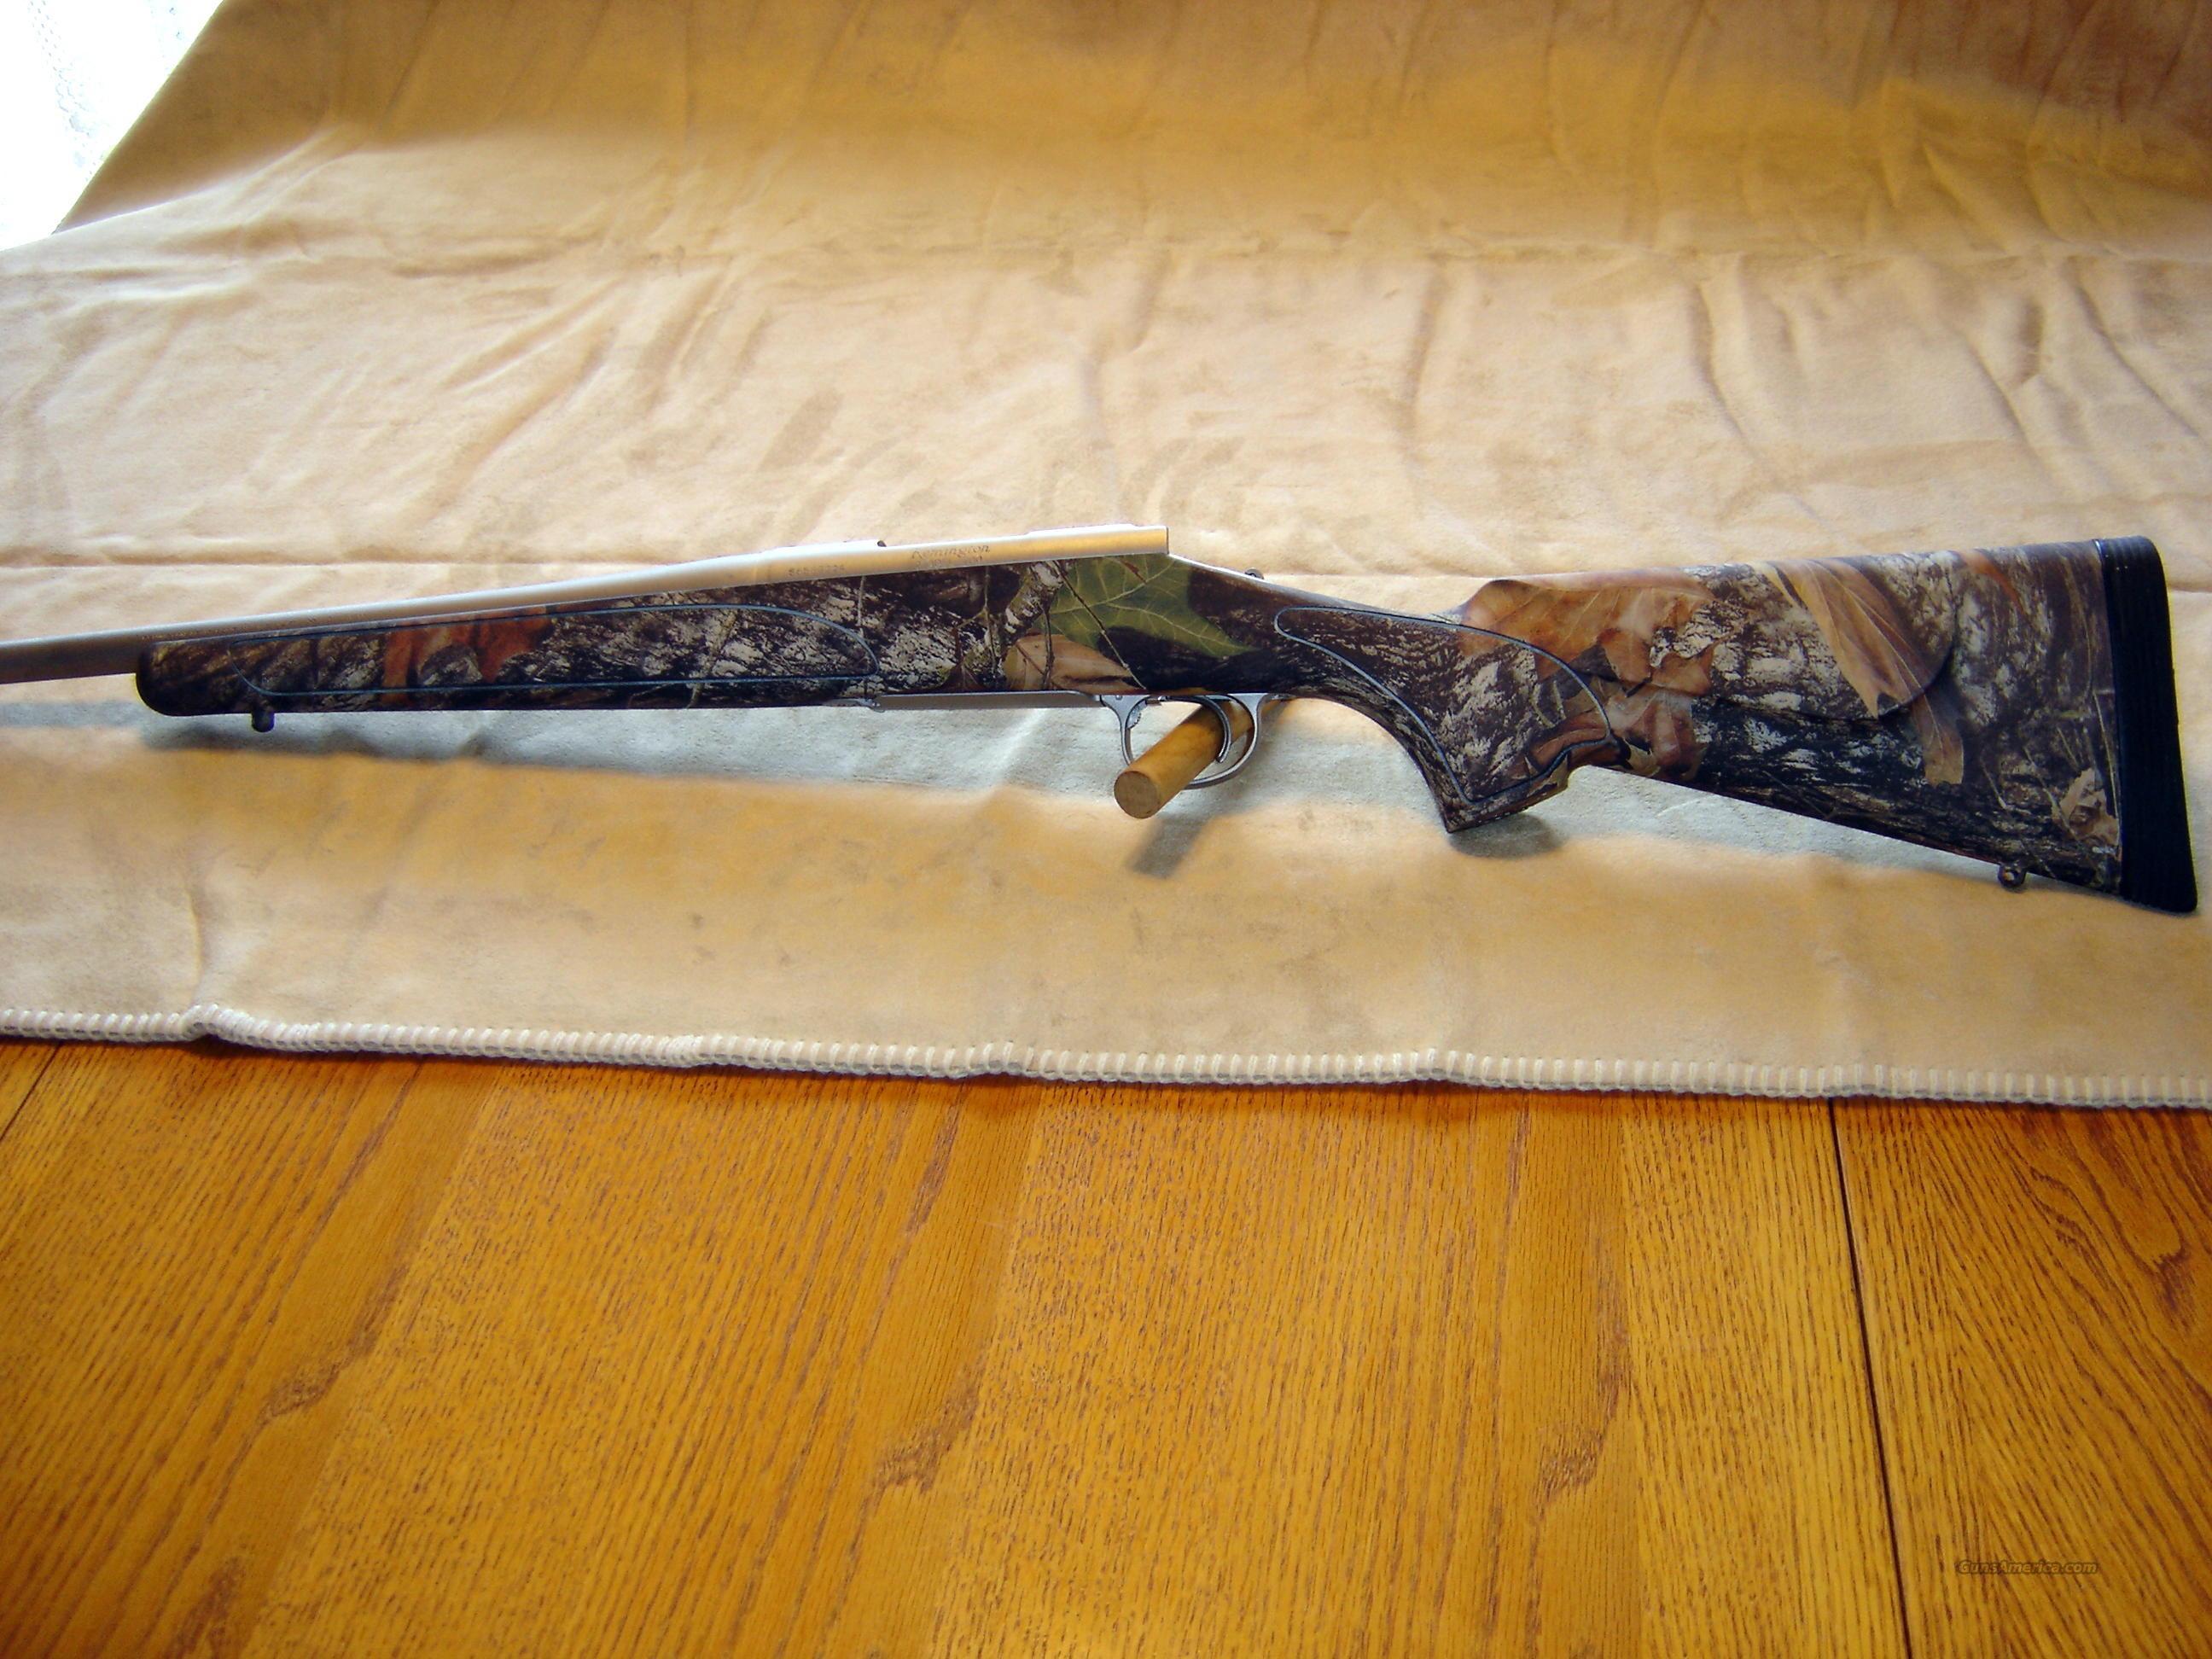 Remington 700 SPSS - 300 WSM  Guns > Rifles > Remington Rifles - Modern > Model 700 > Sporting